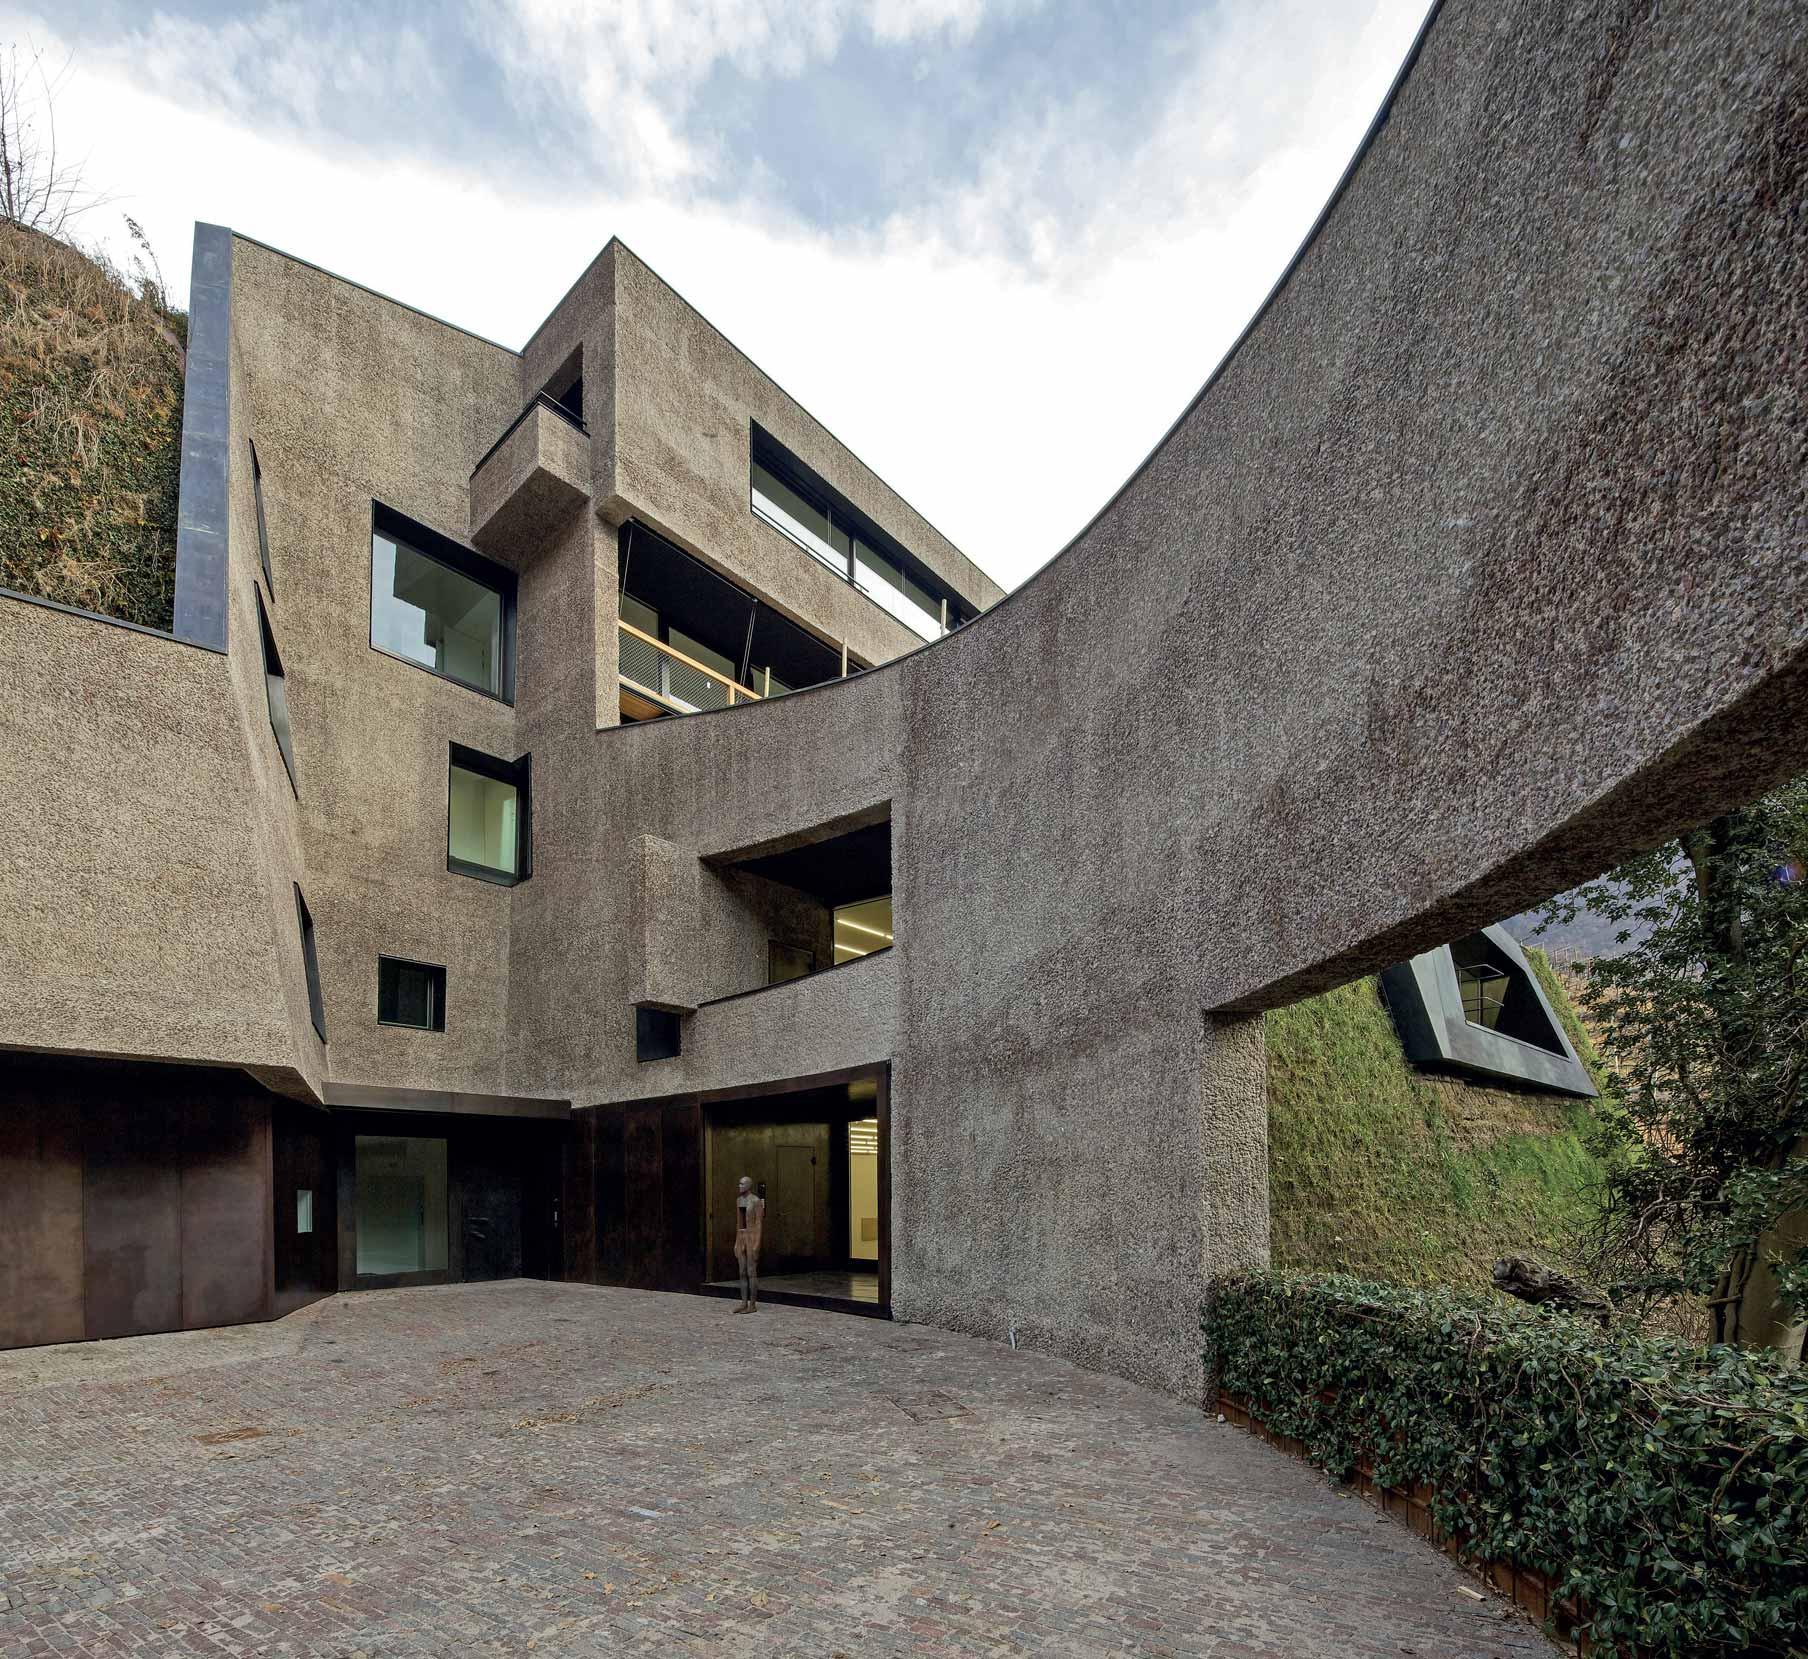 Veduta della corte casa del collezionista a Bolzano